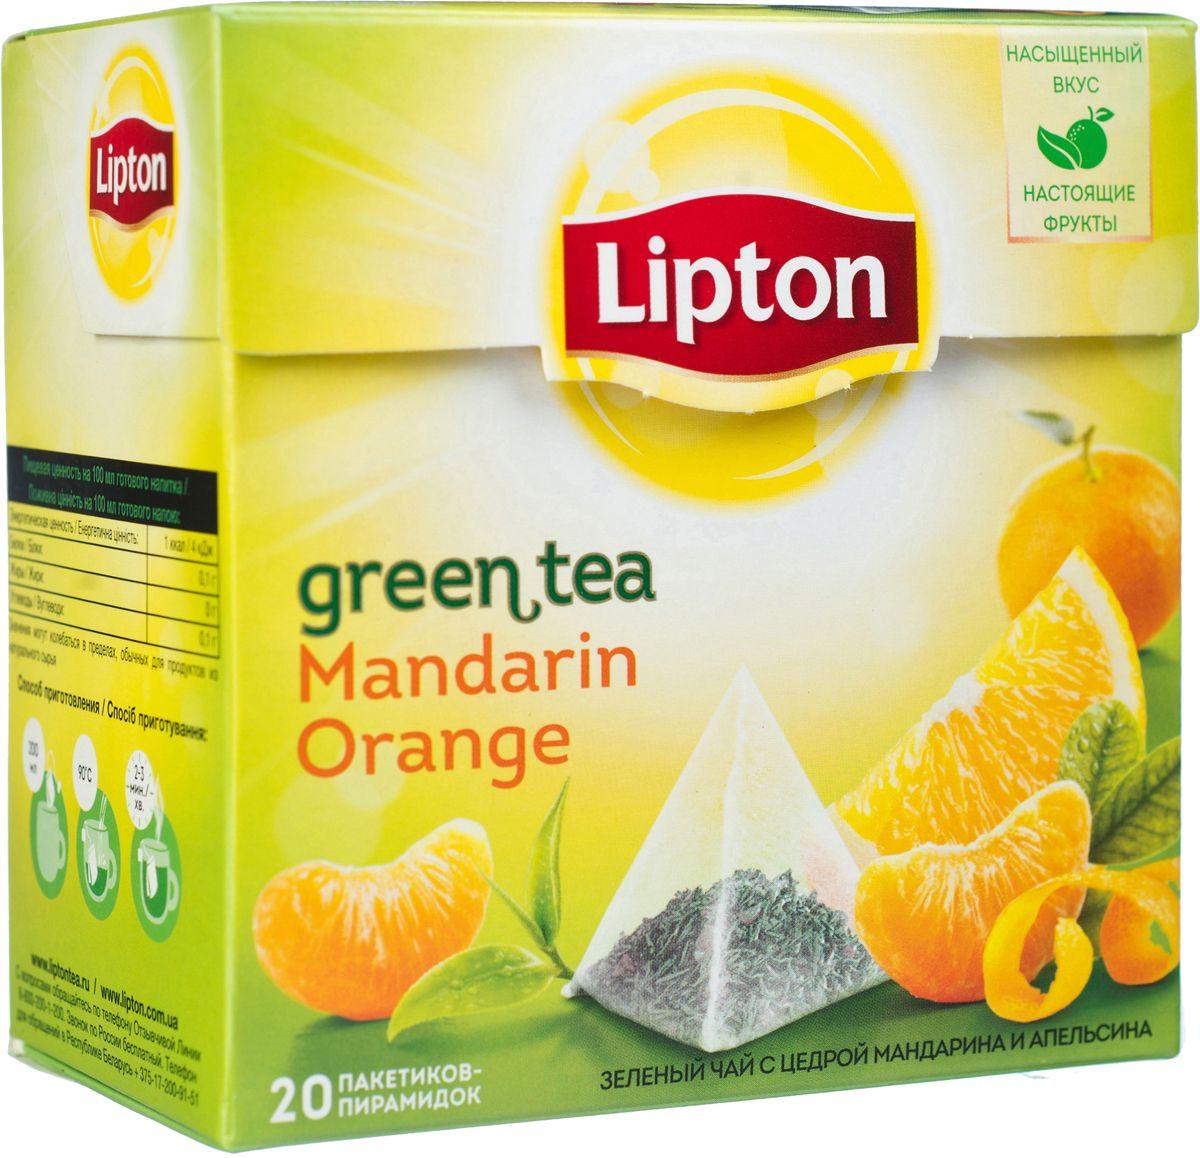 Lipton Зеленый чай Mandarin Orange20 шт67009791/21187925/65414958Тщательно отобранные и бережно высушенные листочки зеленого чая рождают нежный, легкий вкус, в котором почти не осталось места для горечи. Вместе с сочной и ароматной цедрой мандарина и апельсина они образуют восхитительный союз, все грани которого полностью раскрываются благодаря свободному пространству в пакетике-пирамидке. Узнайте рецепт гармонии с Lipton Mandarin Oranqe Green Tea!